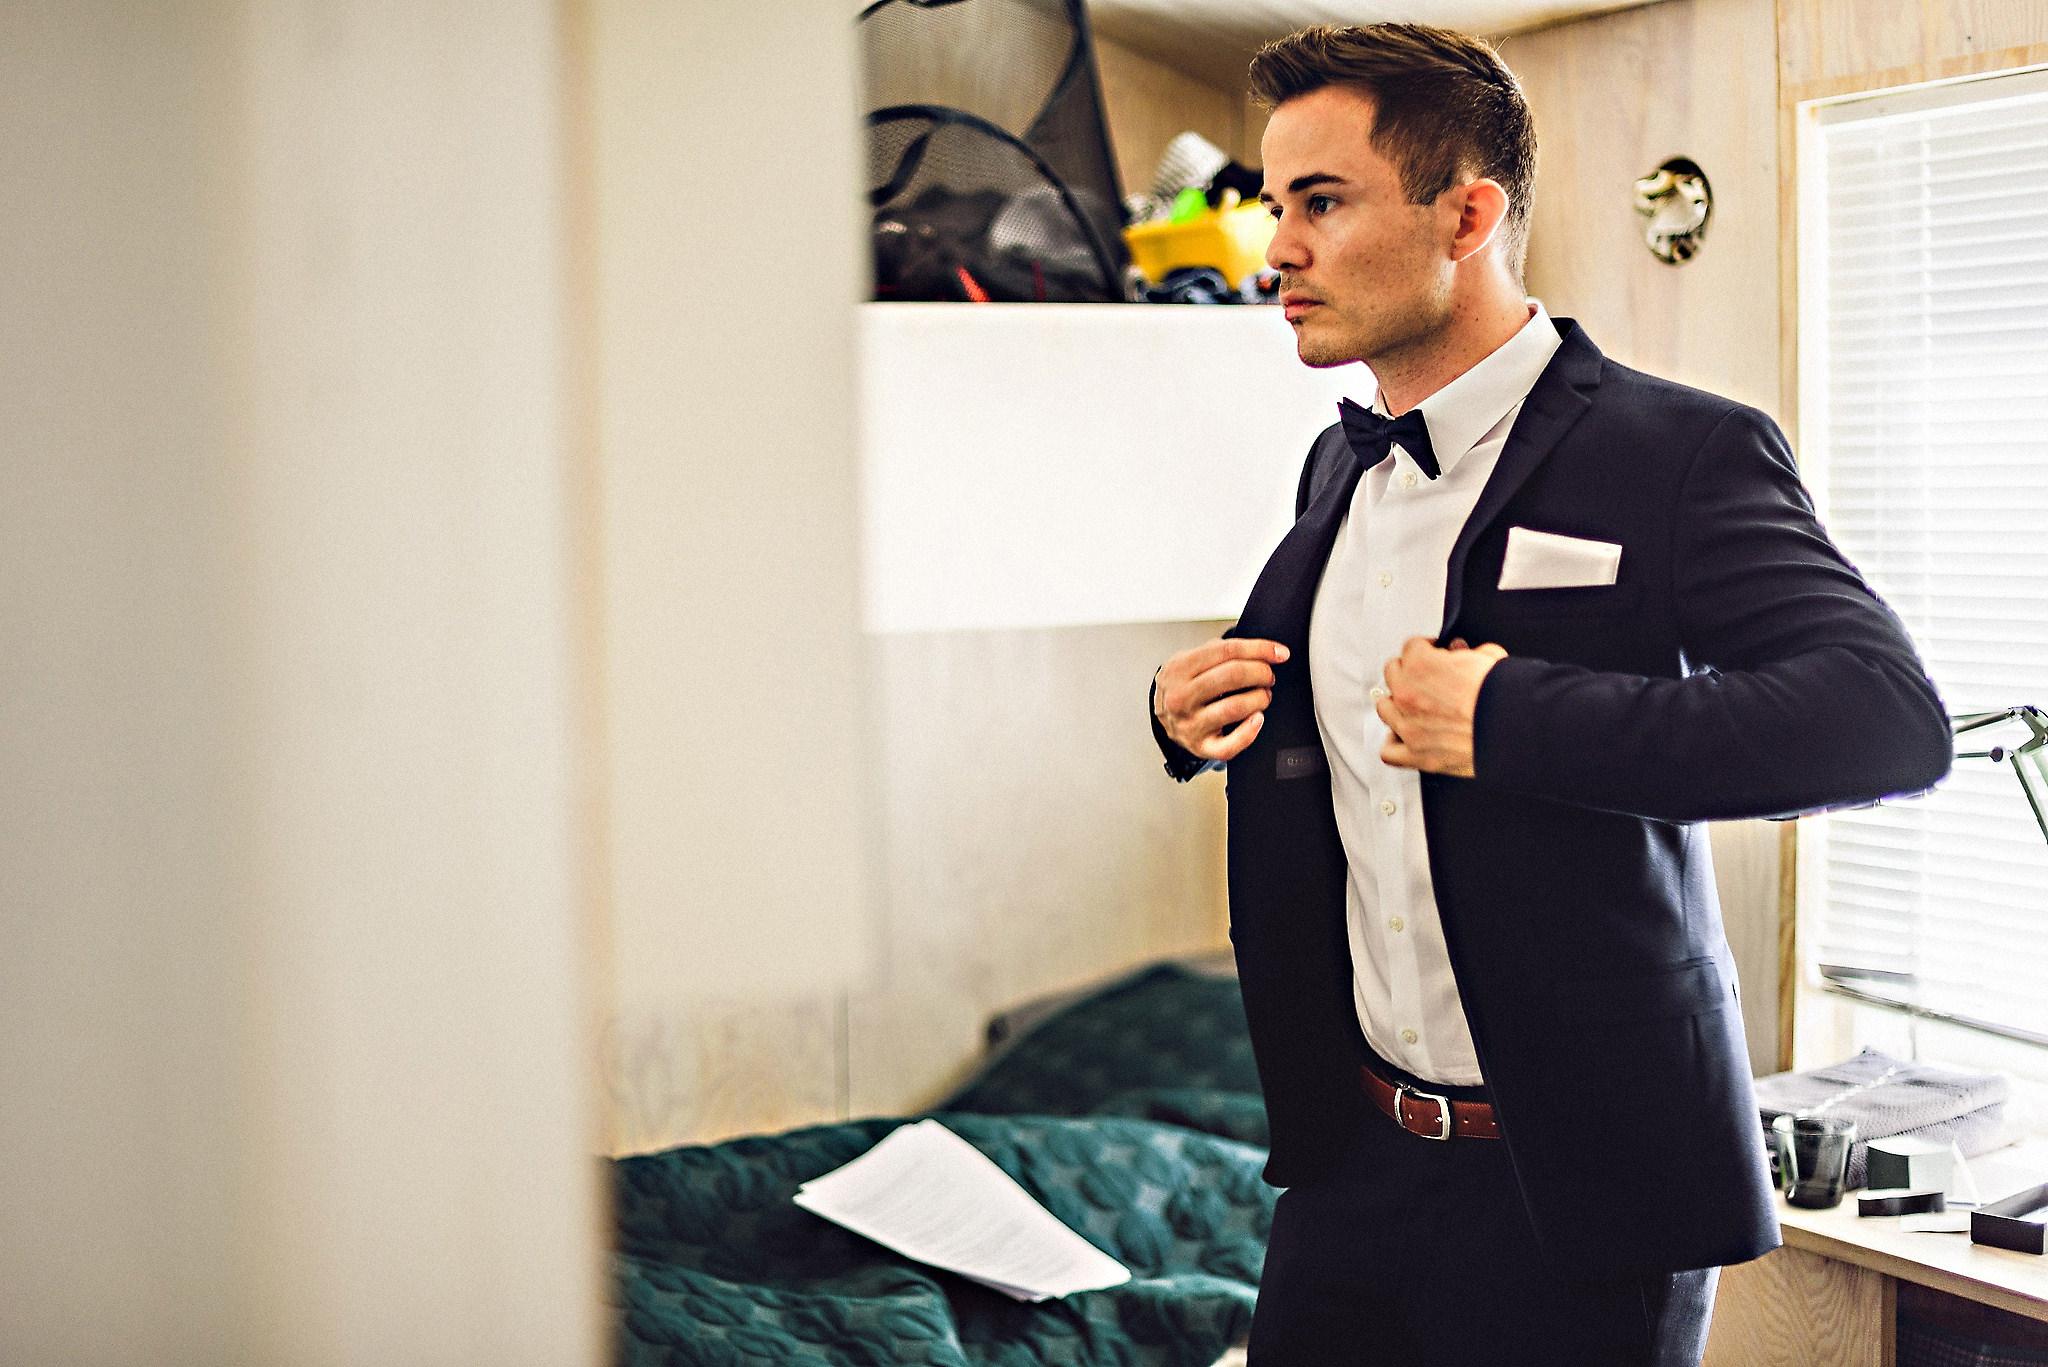 Eirik Halvorsen Leoni og Arne bryllup blog-10.jpg